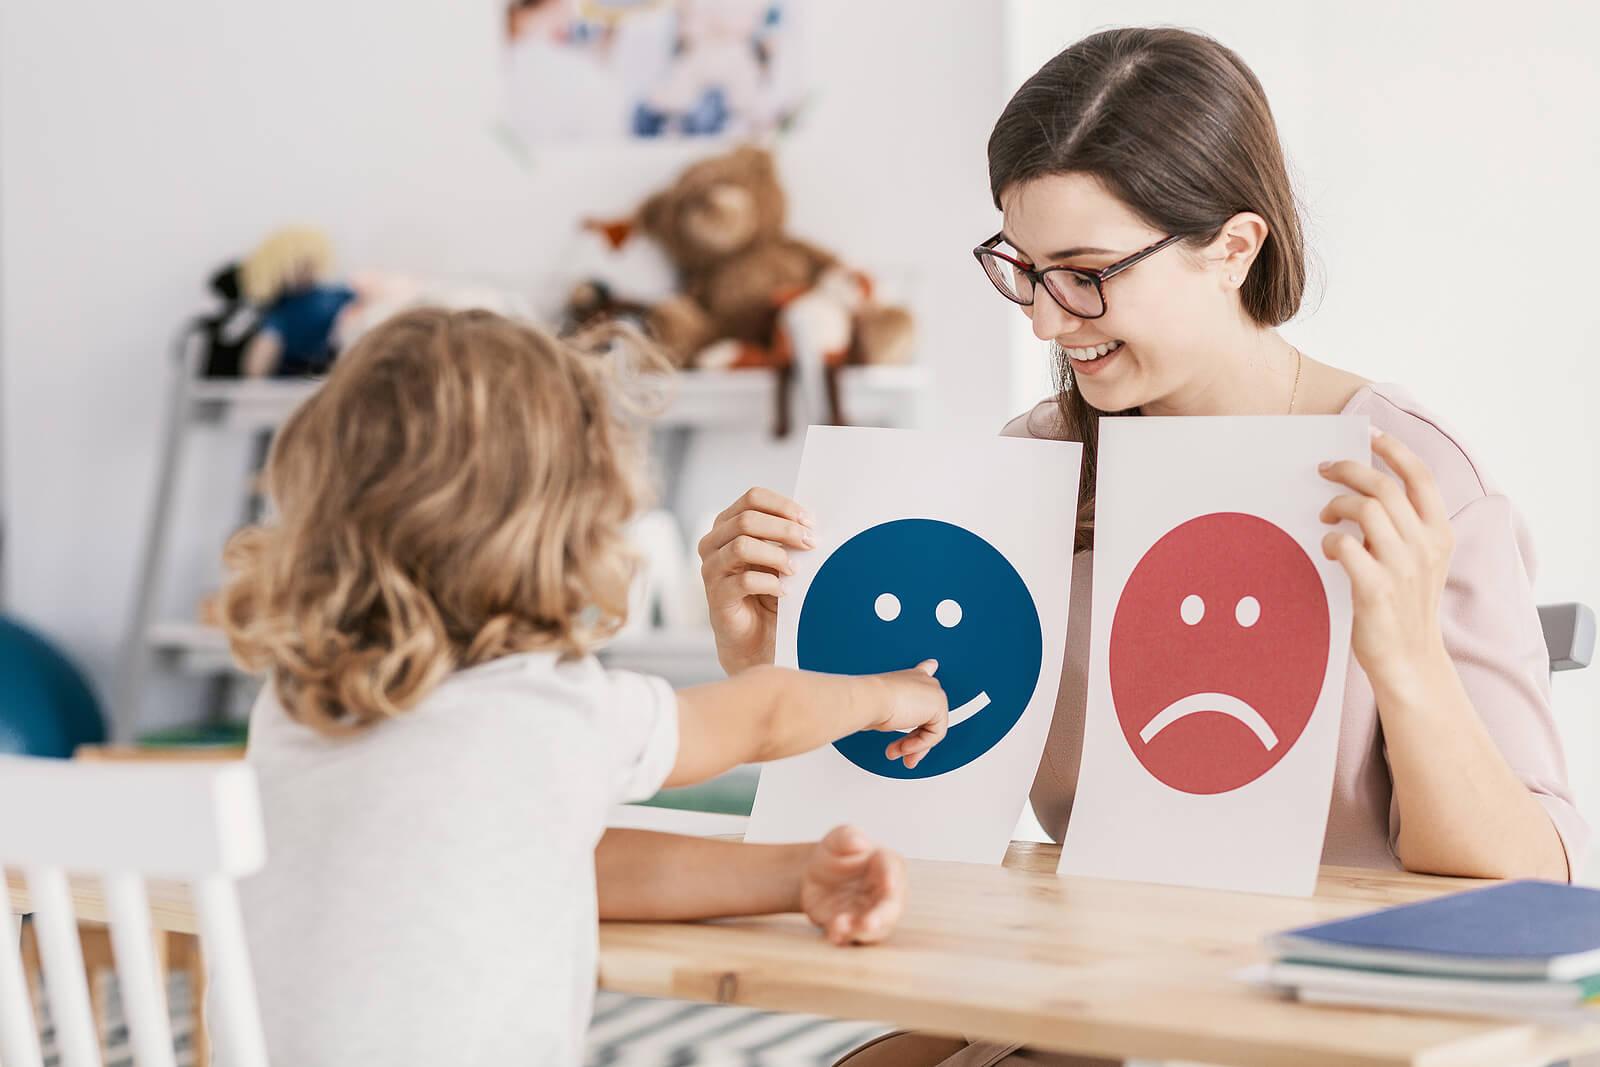 Psicólogo infantil tratando un caso de depresión en niños.